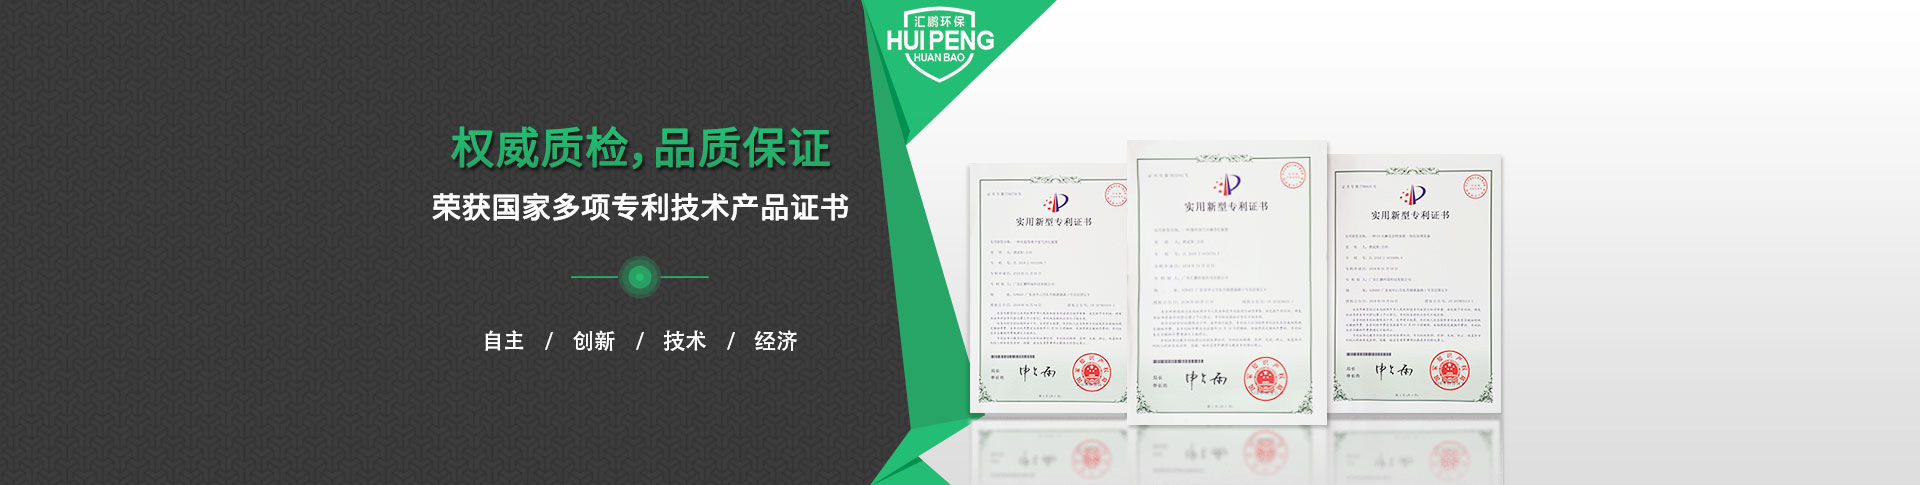 环保设备生产制造证书